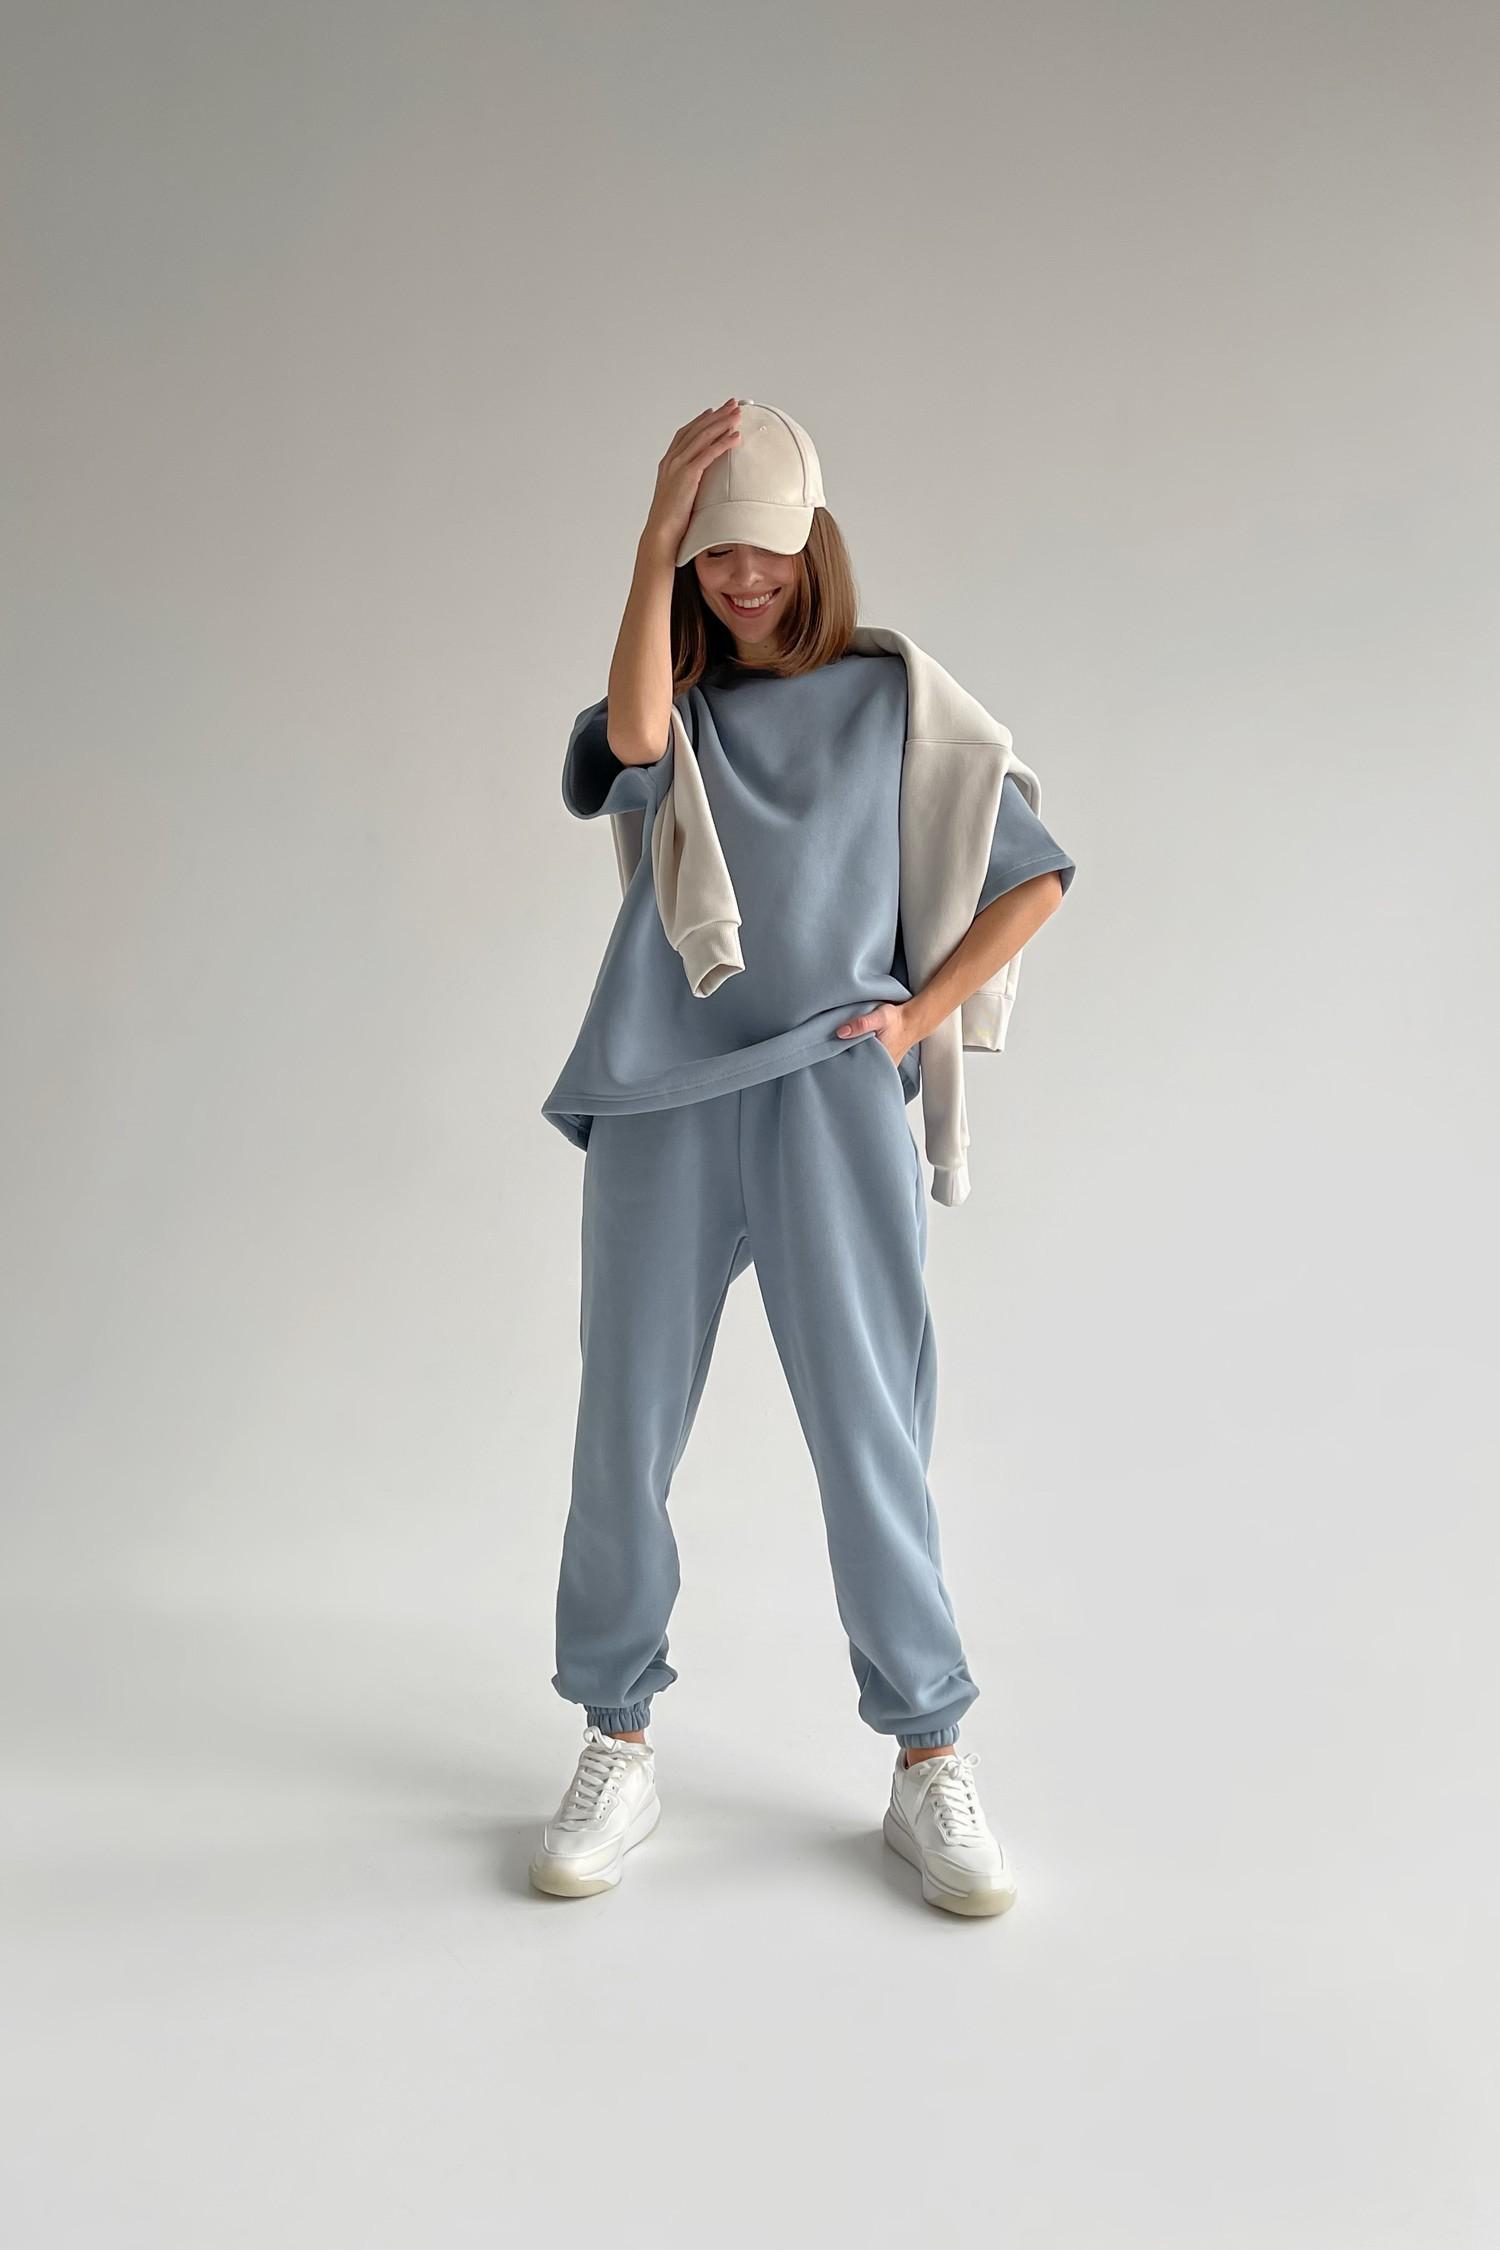 Костюм со спортивными брюками и футболкой arctic - THE LACE